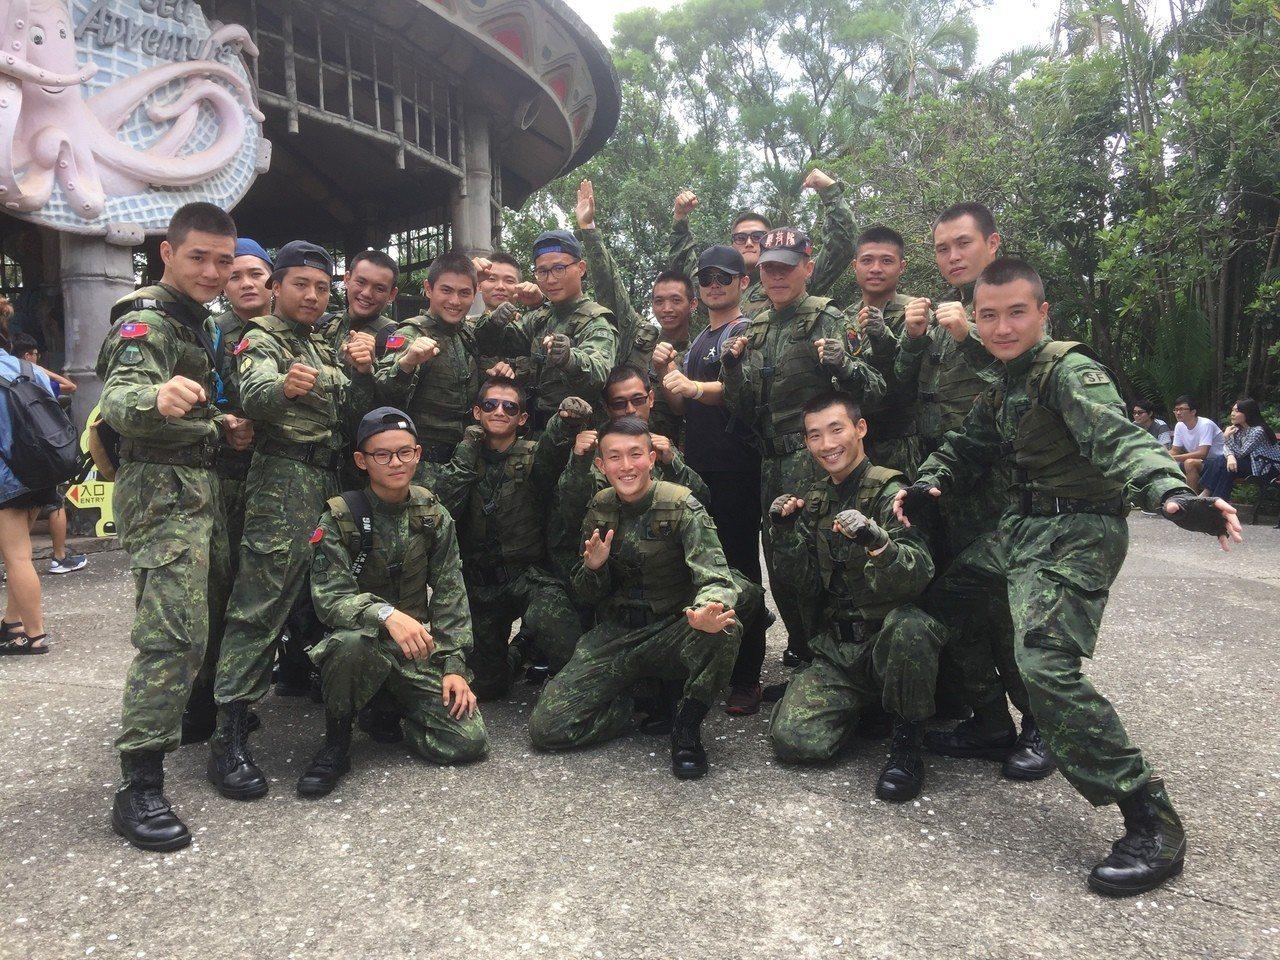 9月3日軍人節當天還有針對國軍弟兄的特殊好康,只要是陸海空現役軍人,當天穿上軍服...